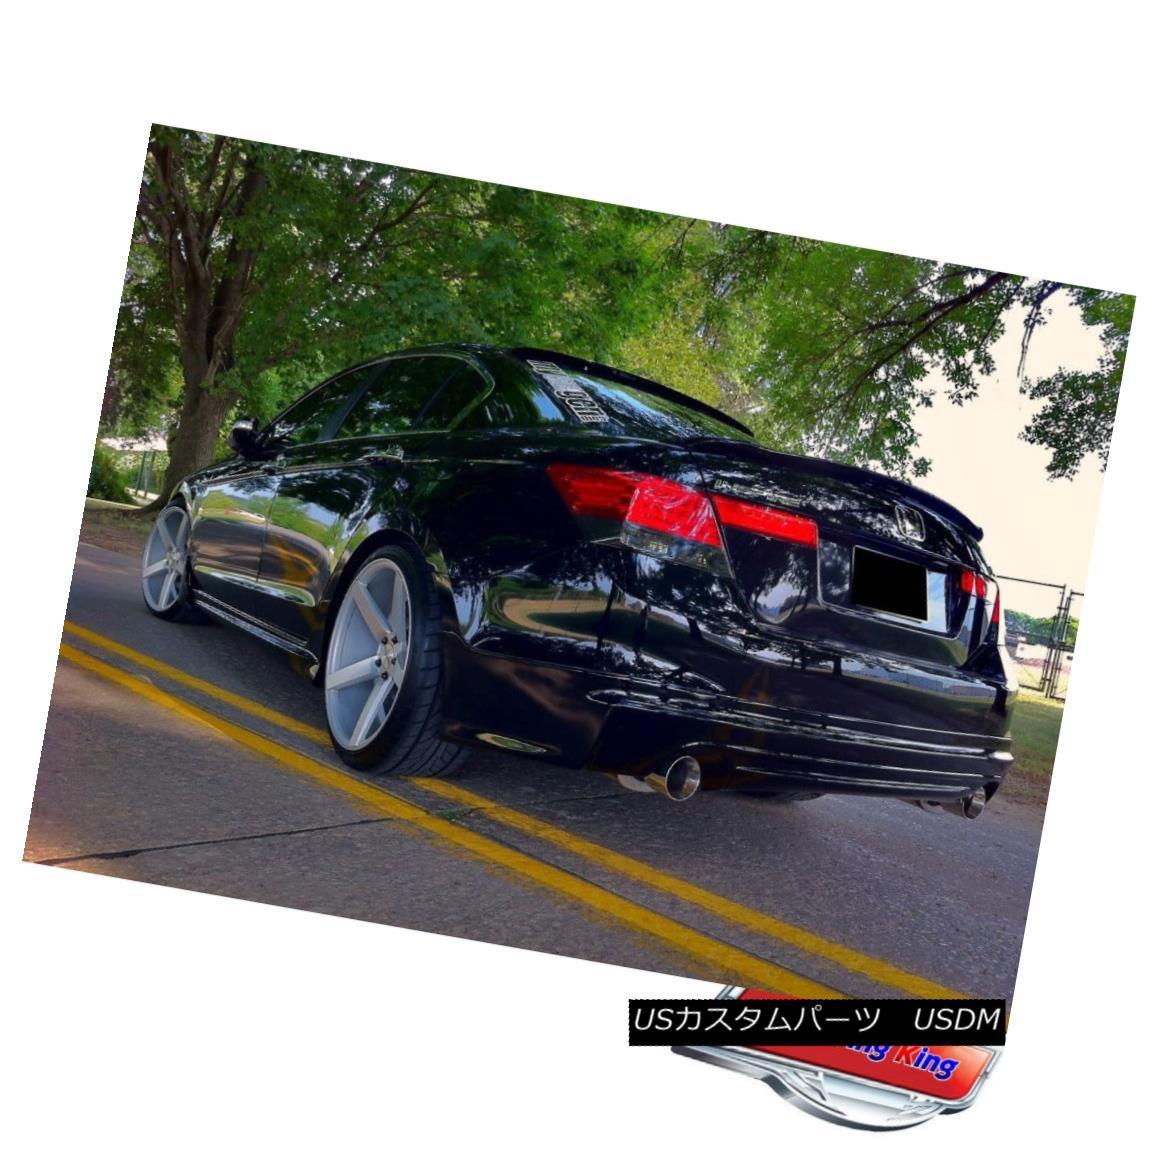 エアロパーツ HOT! Painted Honda Accord Sedan 2008~2012 Roof Spoiler + M Type Trunk Spoiler ? ホット! 塗装ホンダアコードセダン2008?2012ルーフスポイラー+ Mタイプのトランク・スポイラー?